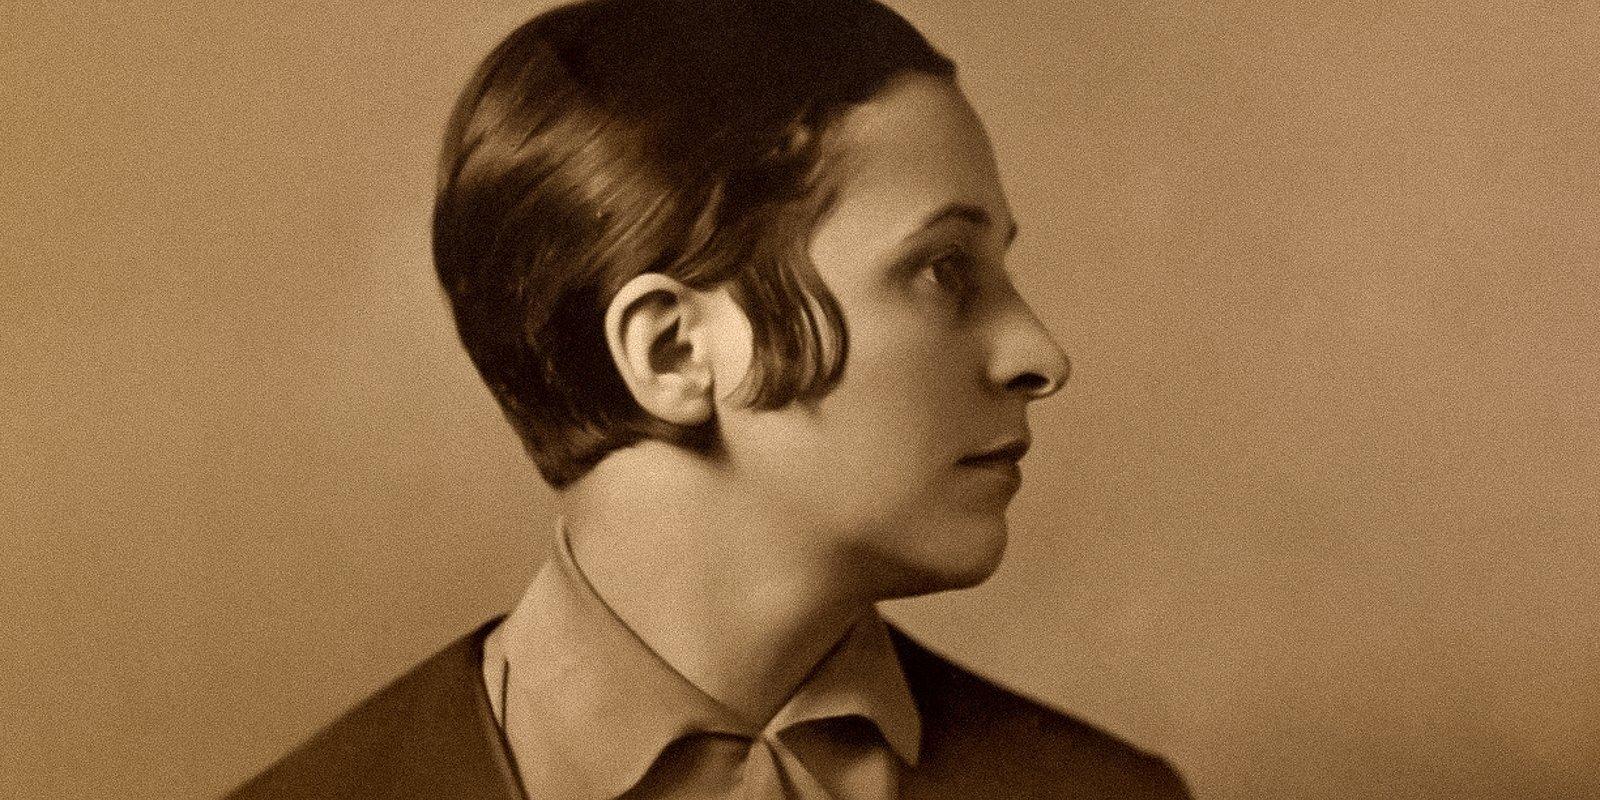 Aristokrātiskā dvēsele. Vienīgā latviešu modernisma pioniere-sieviete – Aleksandra Beļcova